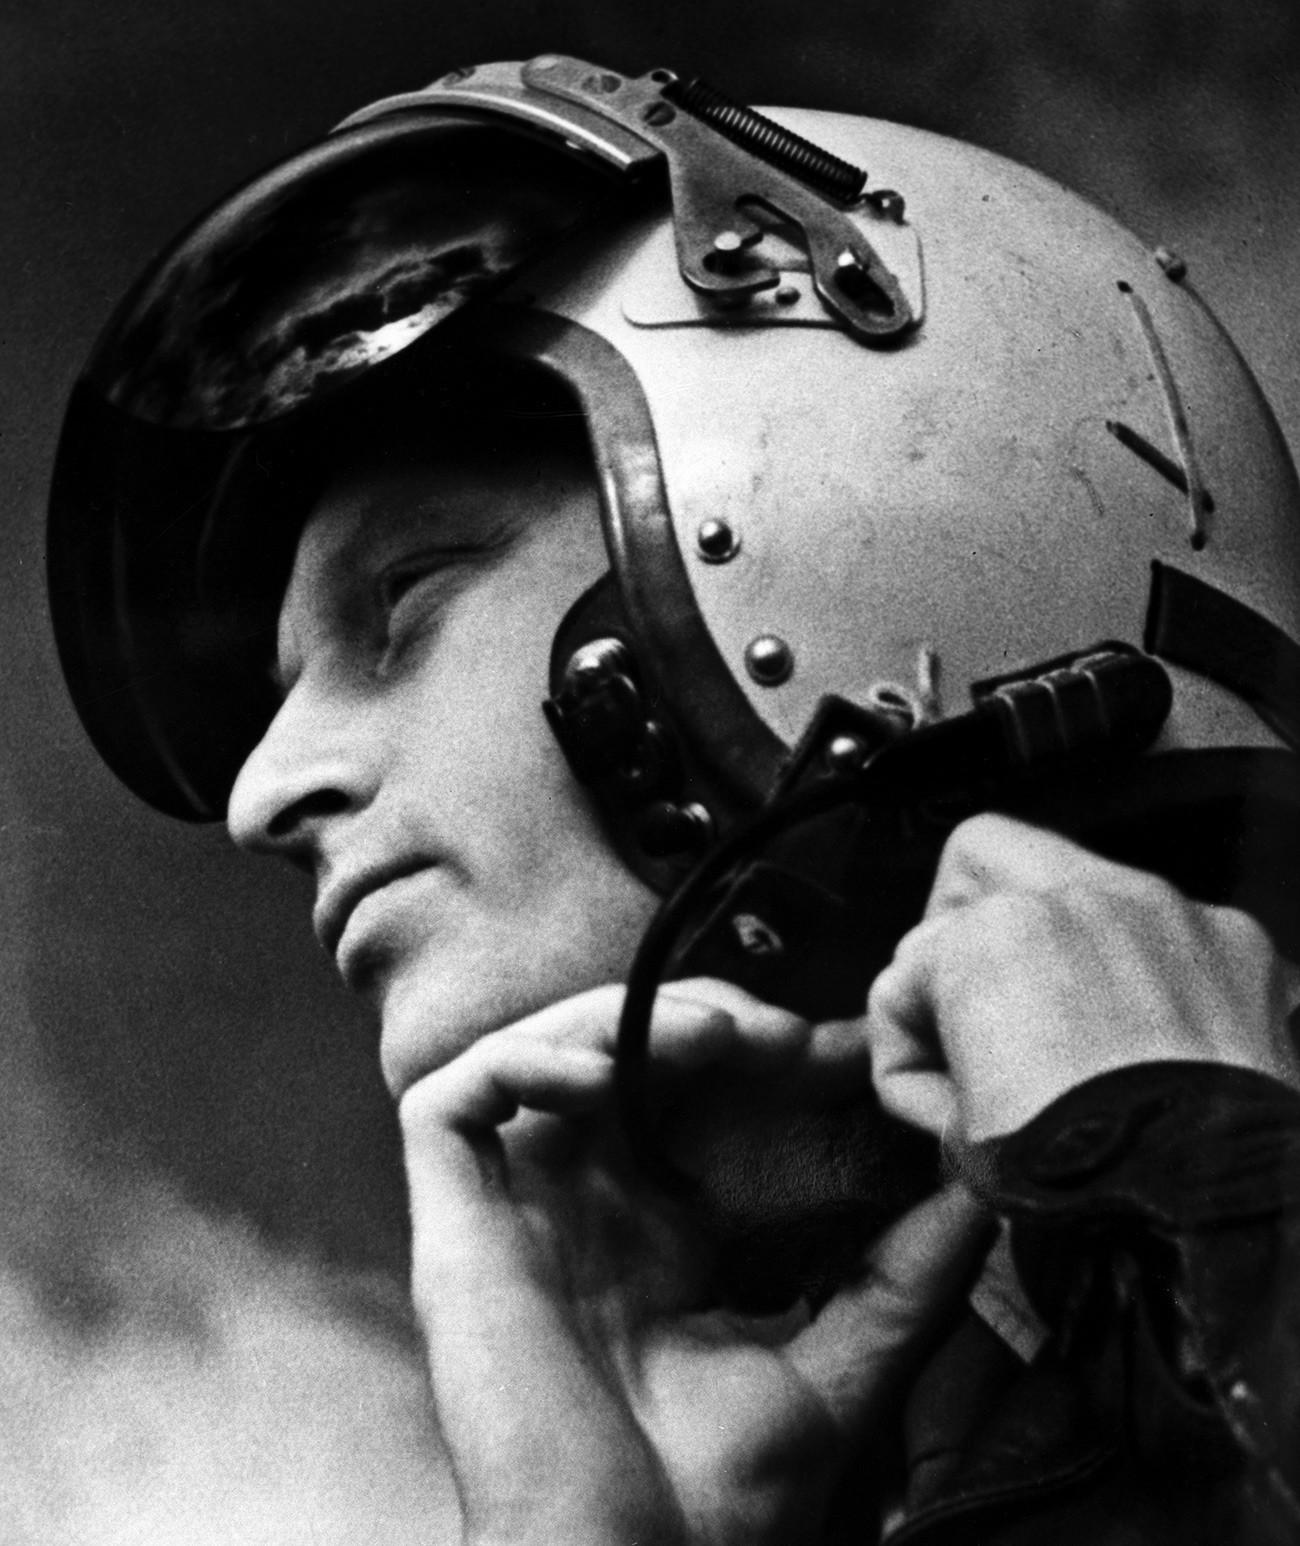 El hijo del legendario diseñador de aviones soviéticos y piloto de pruebas Vladímir Iliushin.